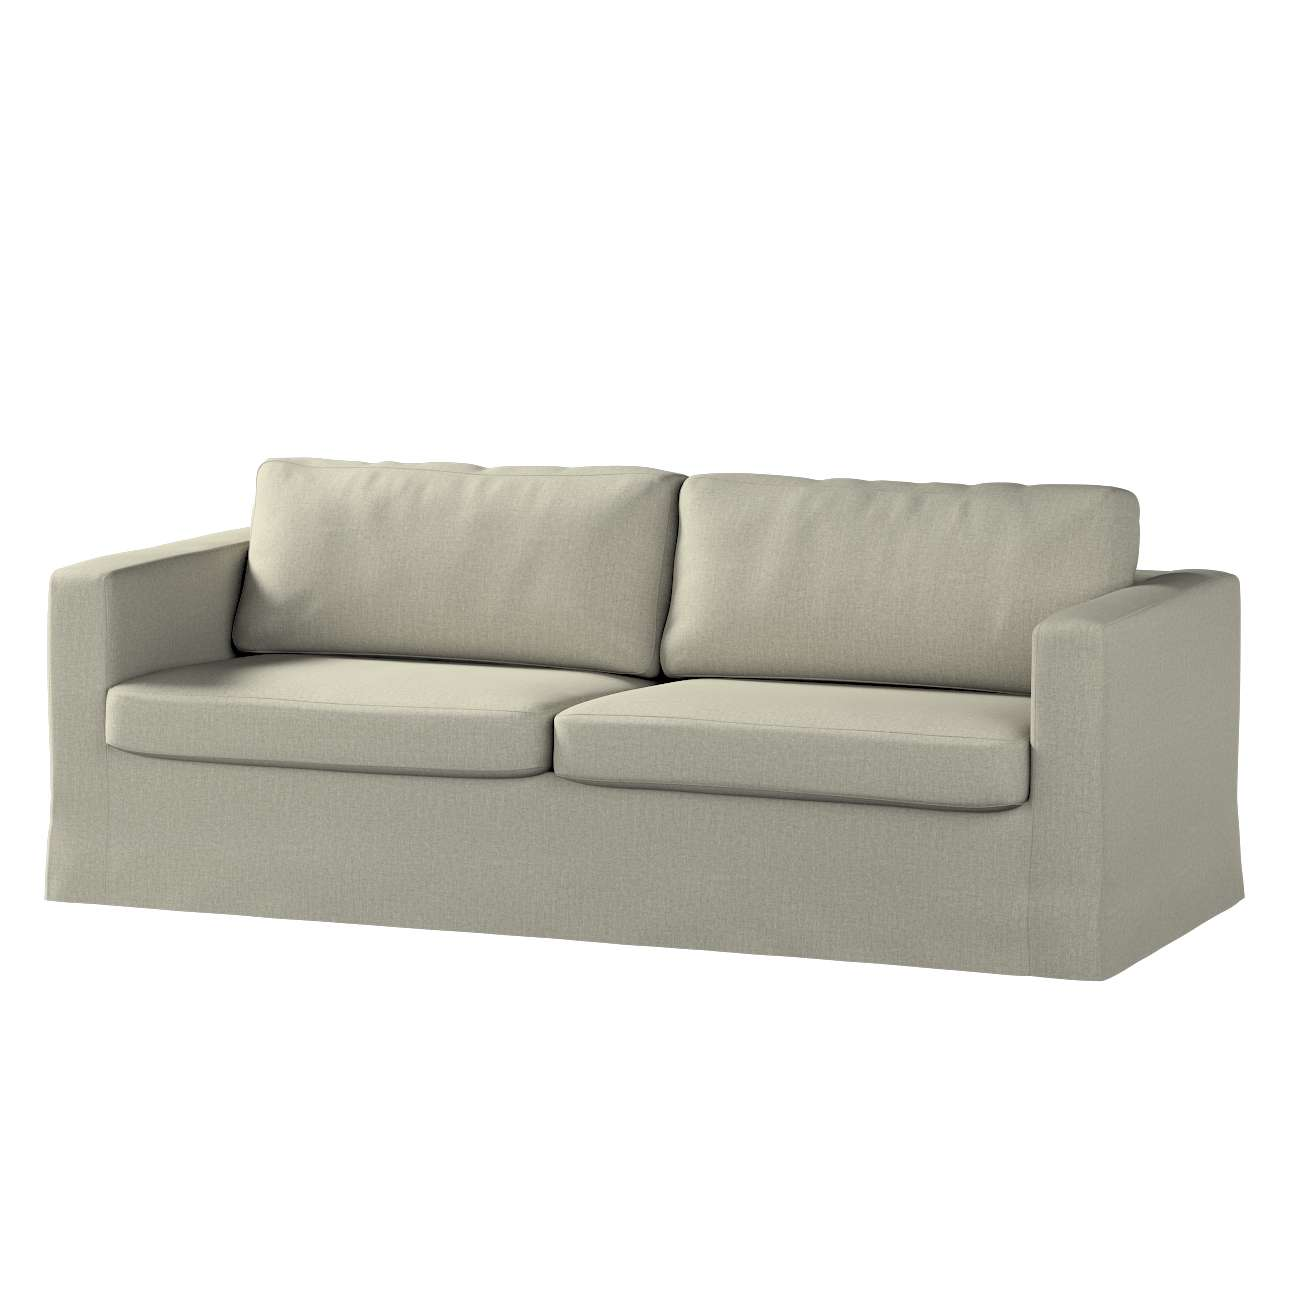 Pokrowiec na sofę Karlstad 3-osobową nierozkładaną, długi w kolekcji City, tkanina: 704-80